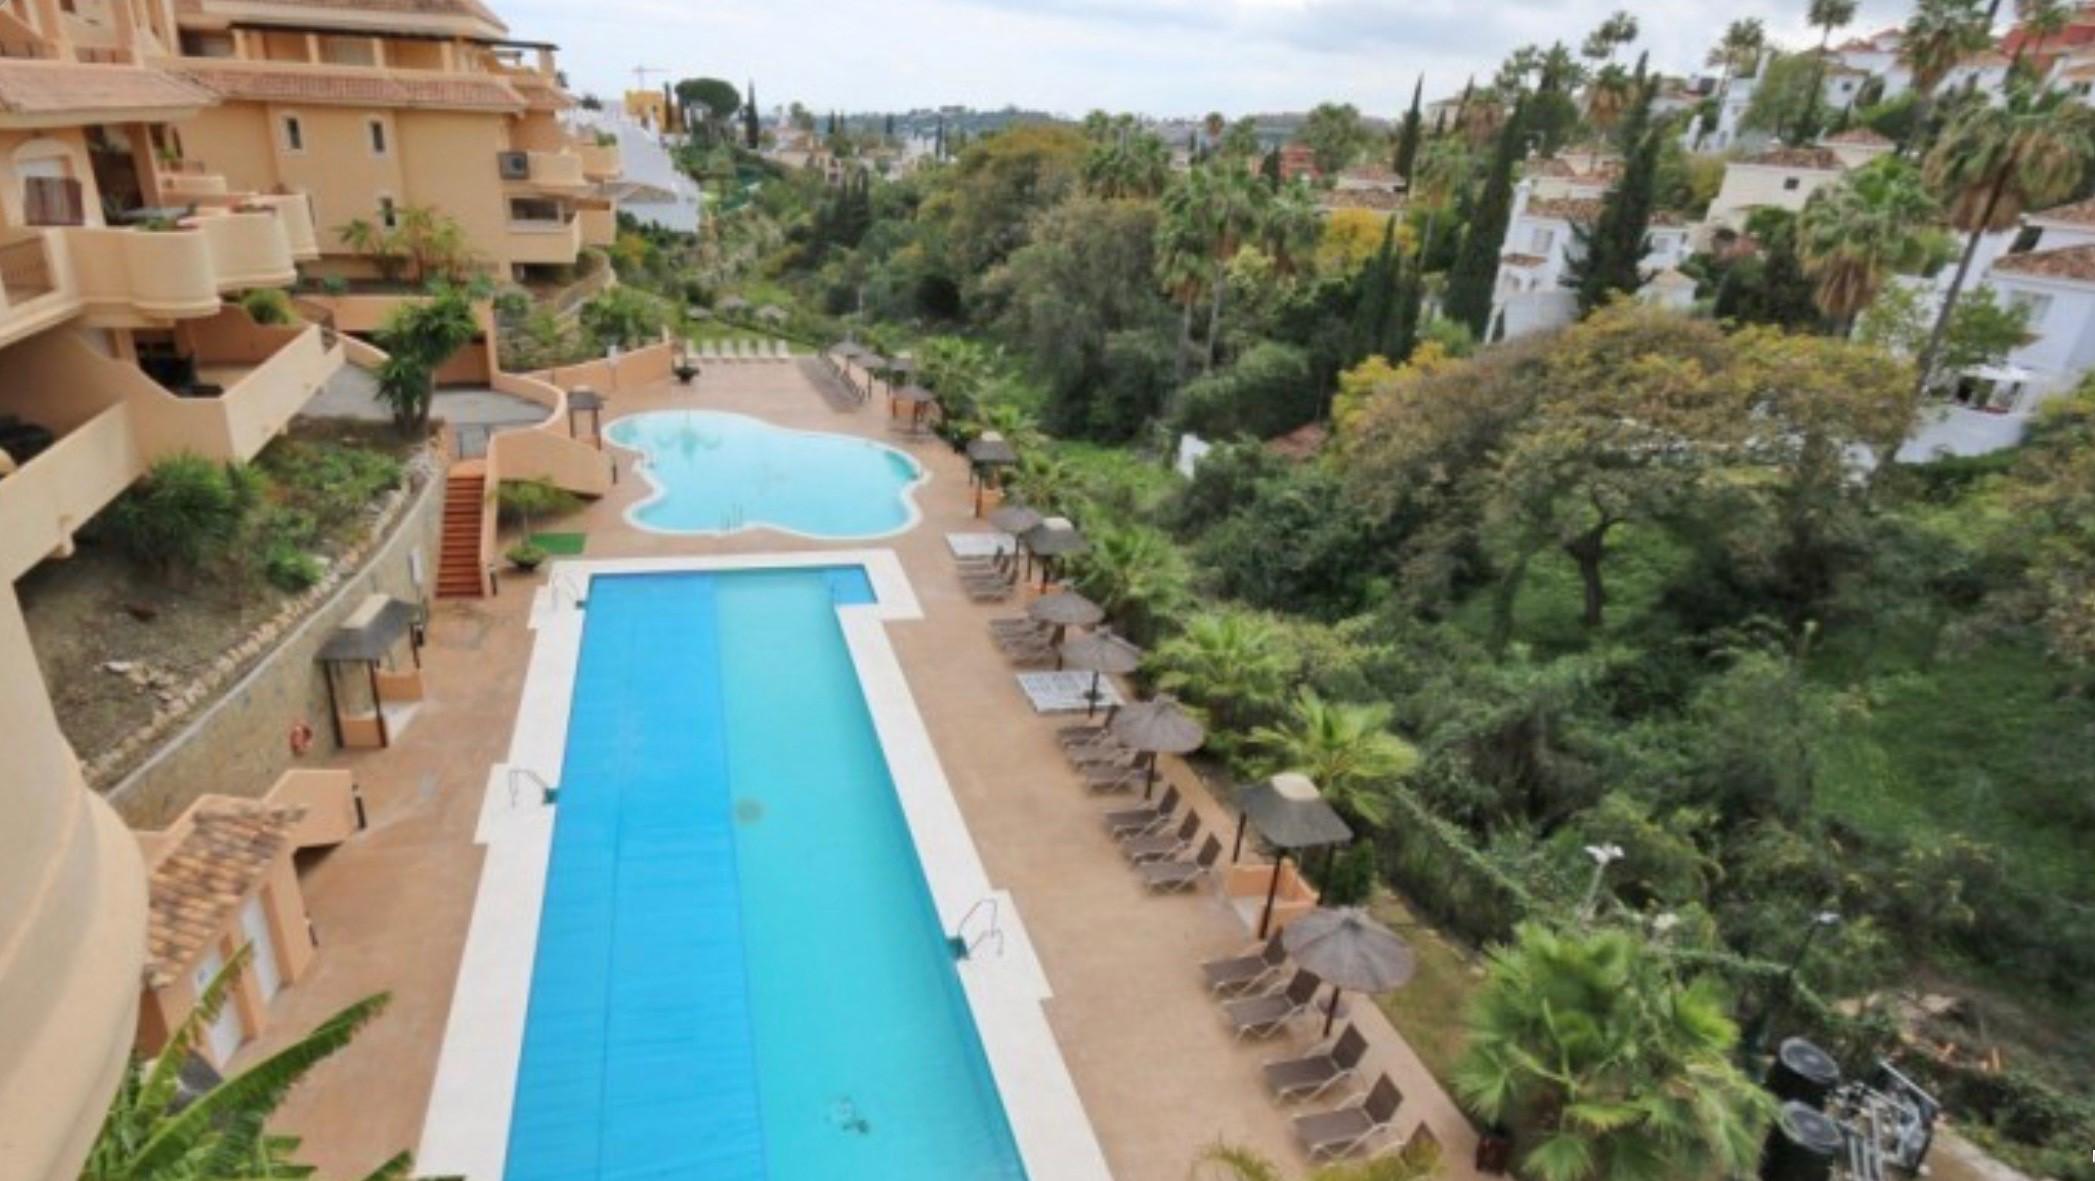 Nueva Andalucia app €399.000